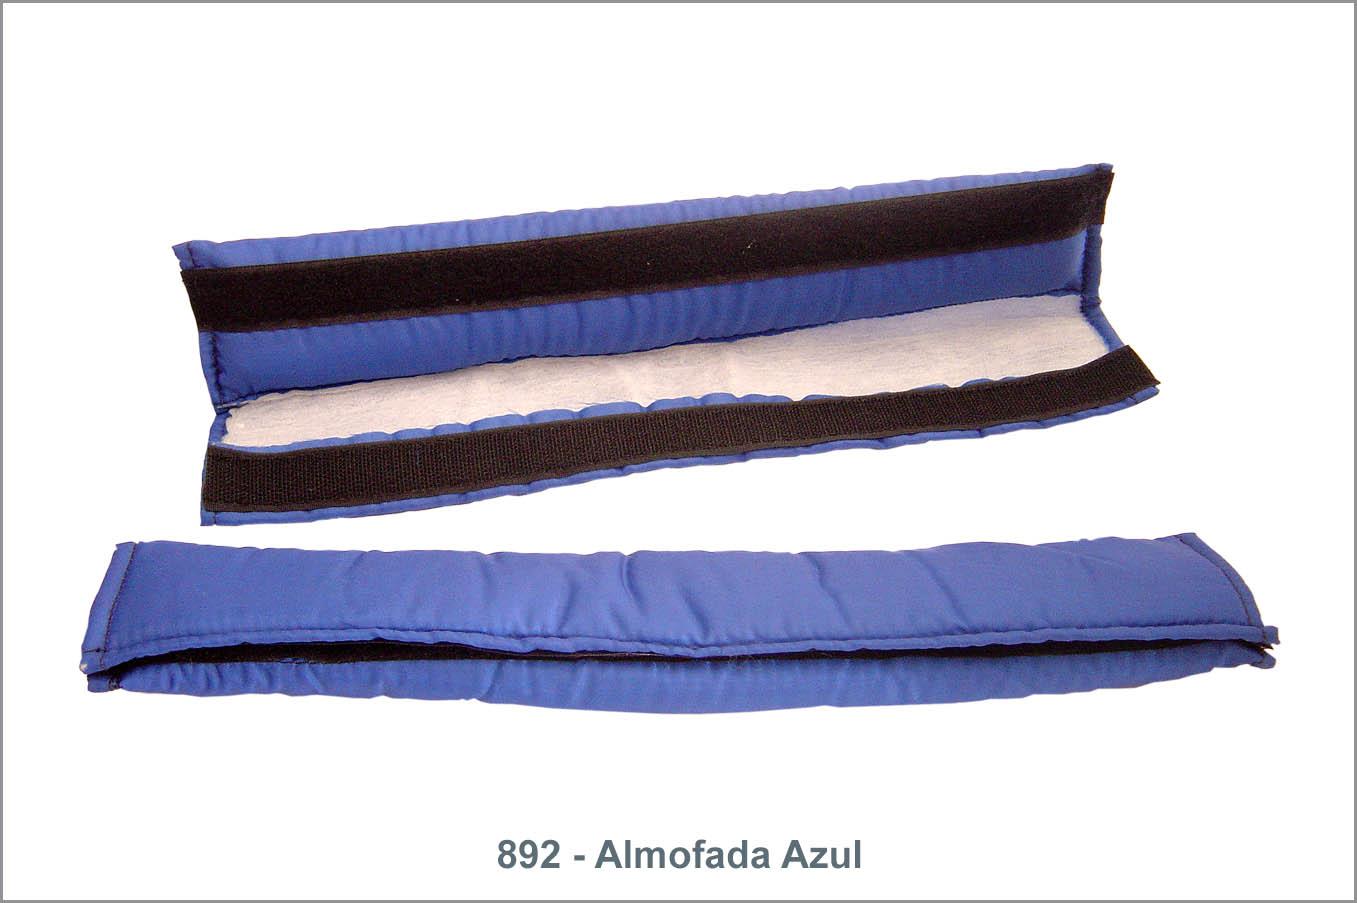 892 Almofada Azul